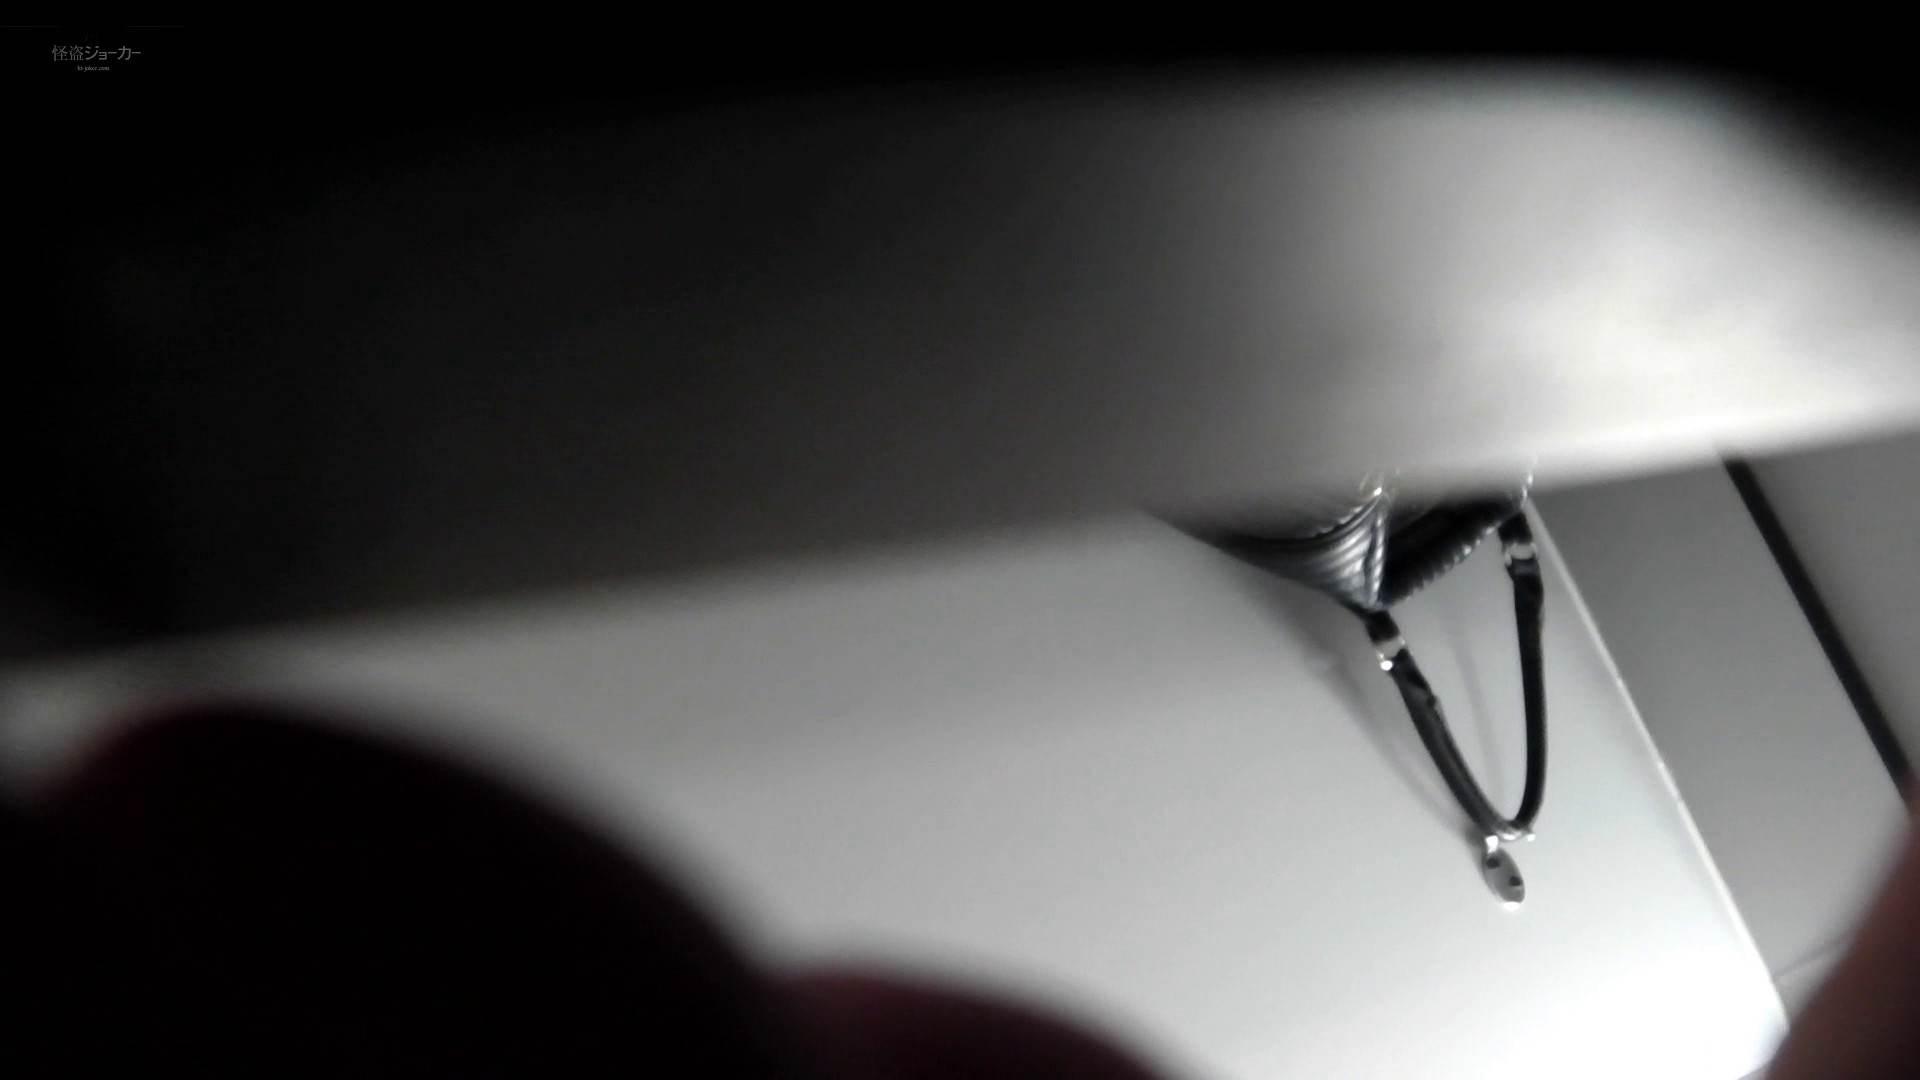 お銀さん vol.59 ピンチ!!「鏡の前で祈る女性」にばれる危機 洗面所着替え | OL  48連発 7